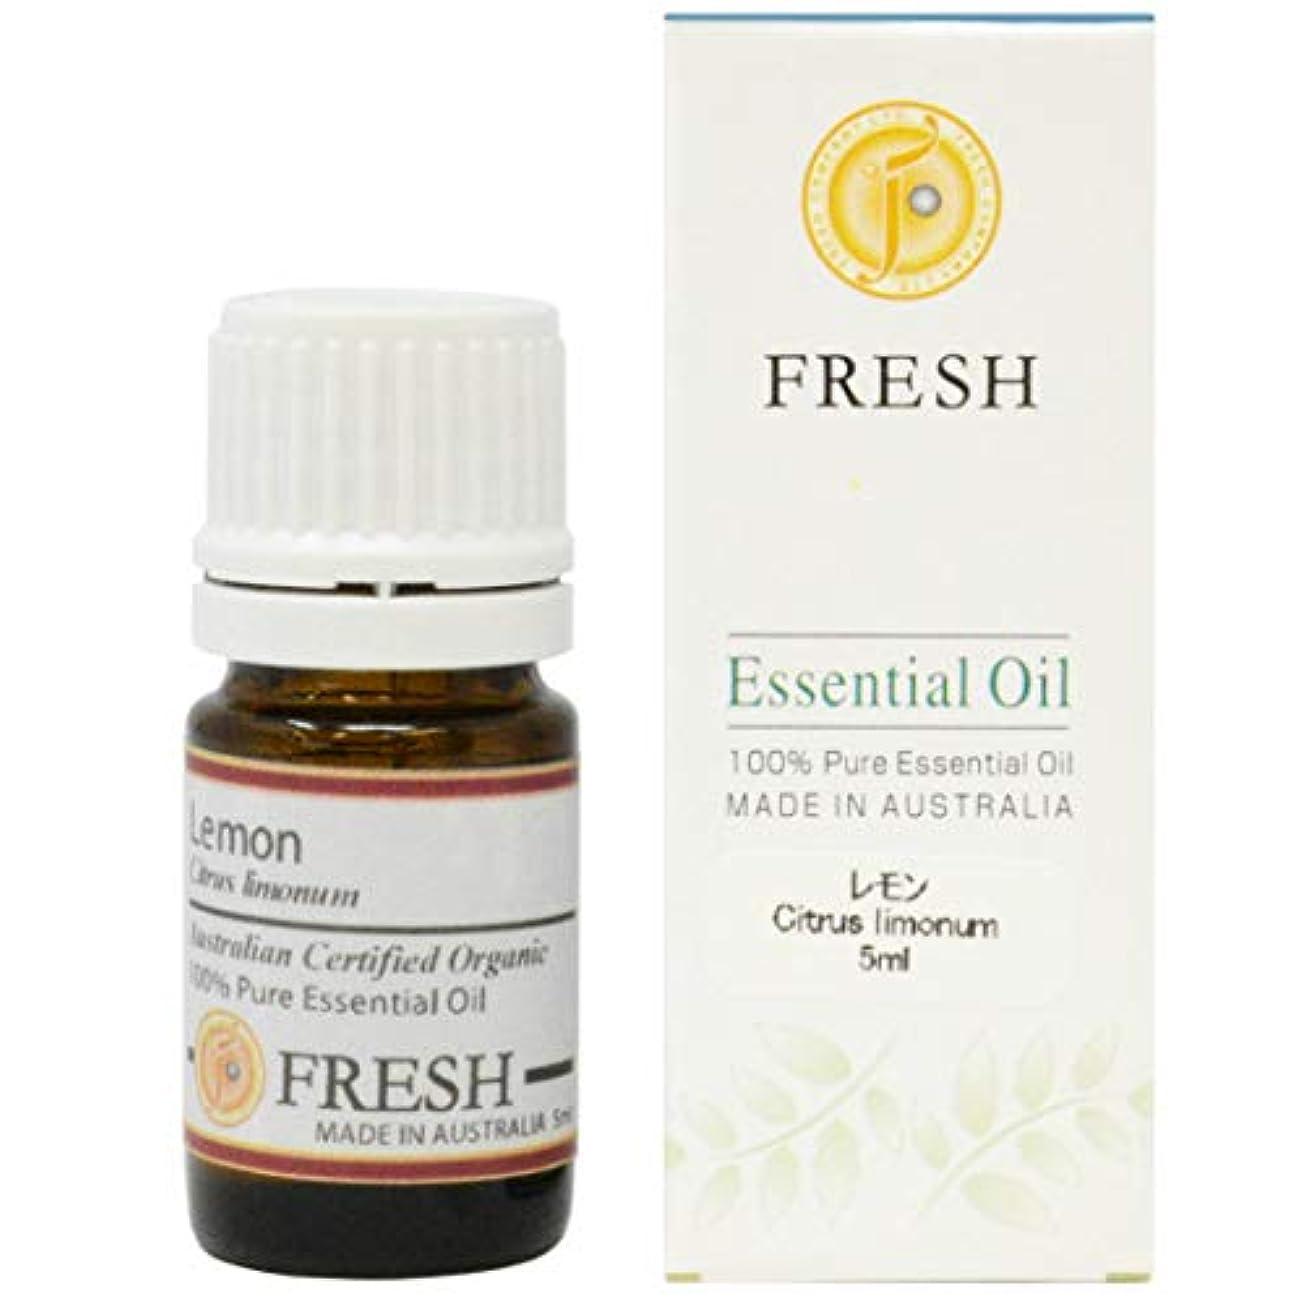 介入するひらめき怠けたFRESH オーガニック エッセンシャルオイル レモン 5ml (FRESH 精油)